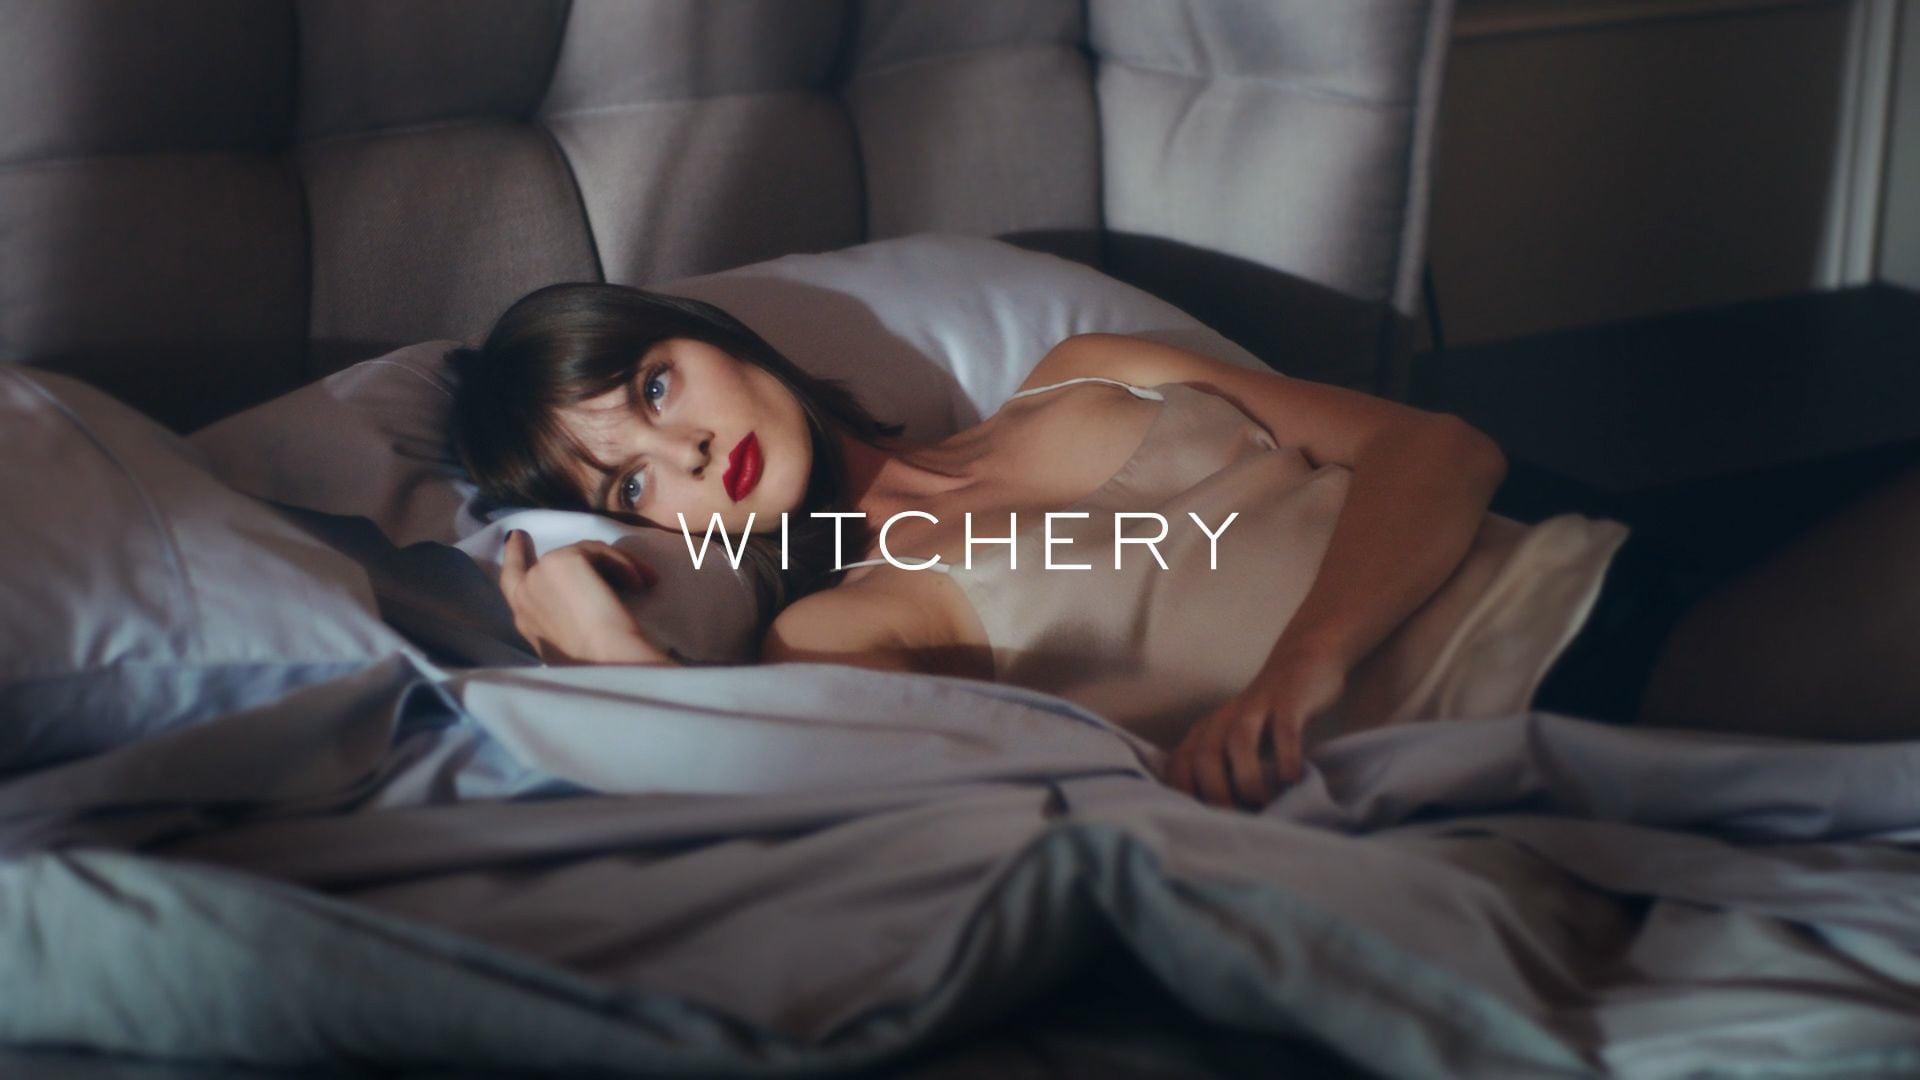 Witchery - 50 Year anniversary